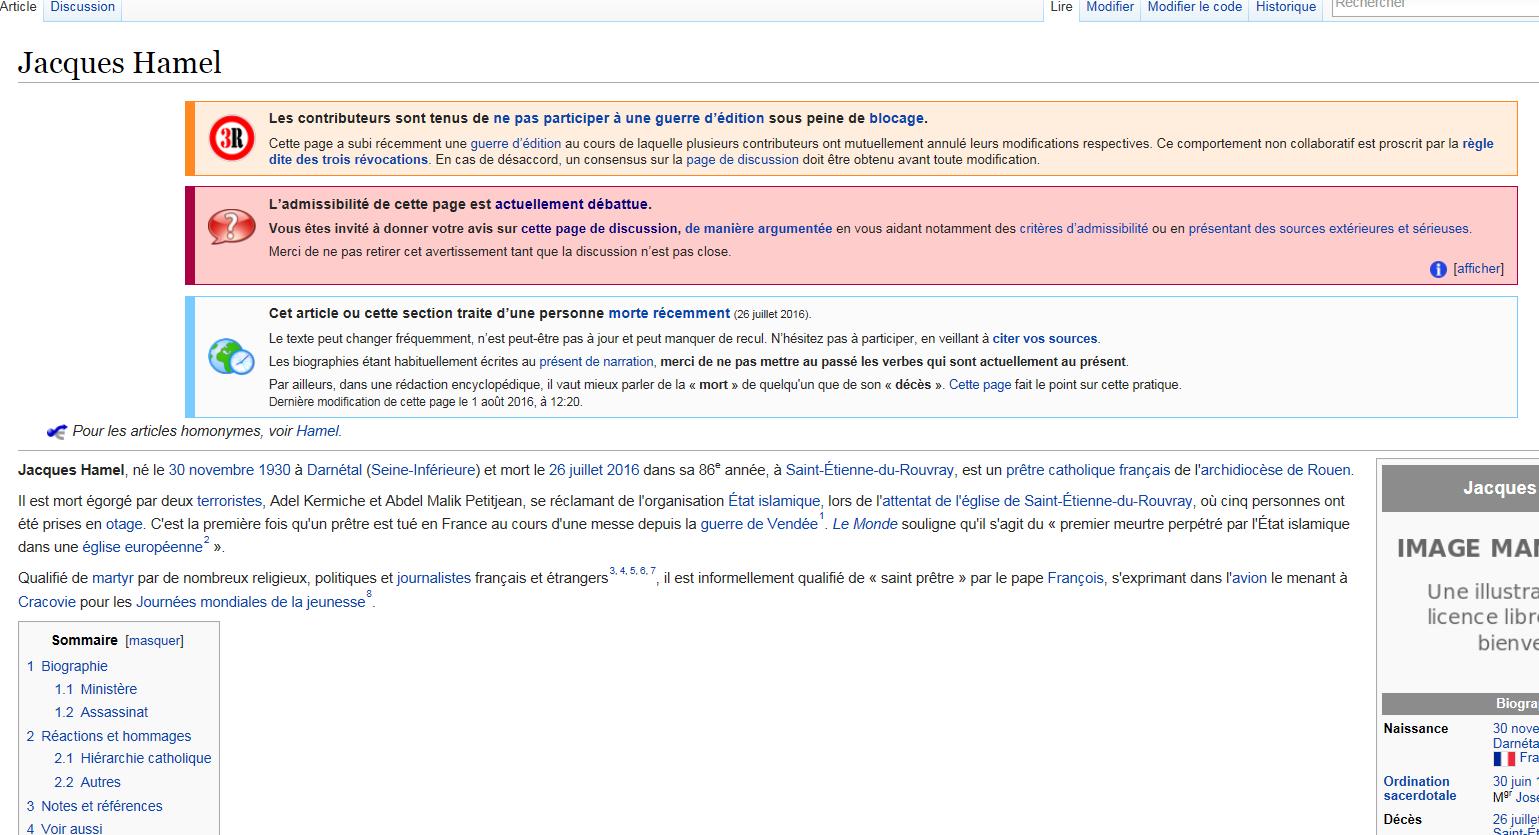 Le père Jacques Hamel mérite-t-il une page sur Wikipédia ? Les internautes débattent